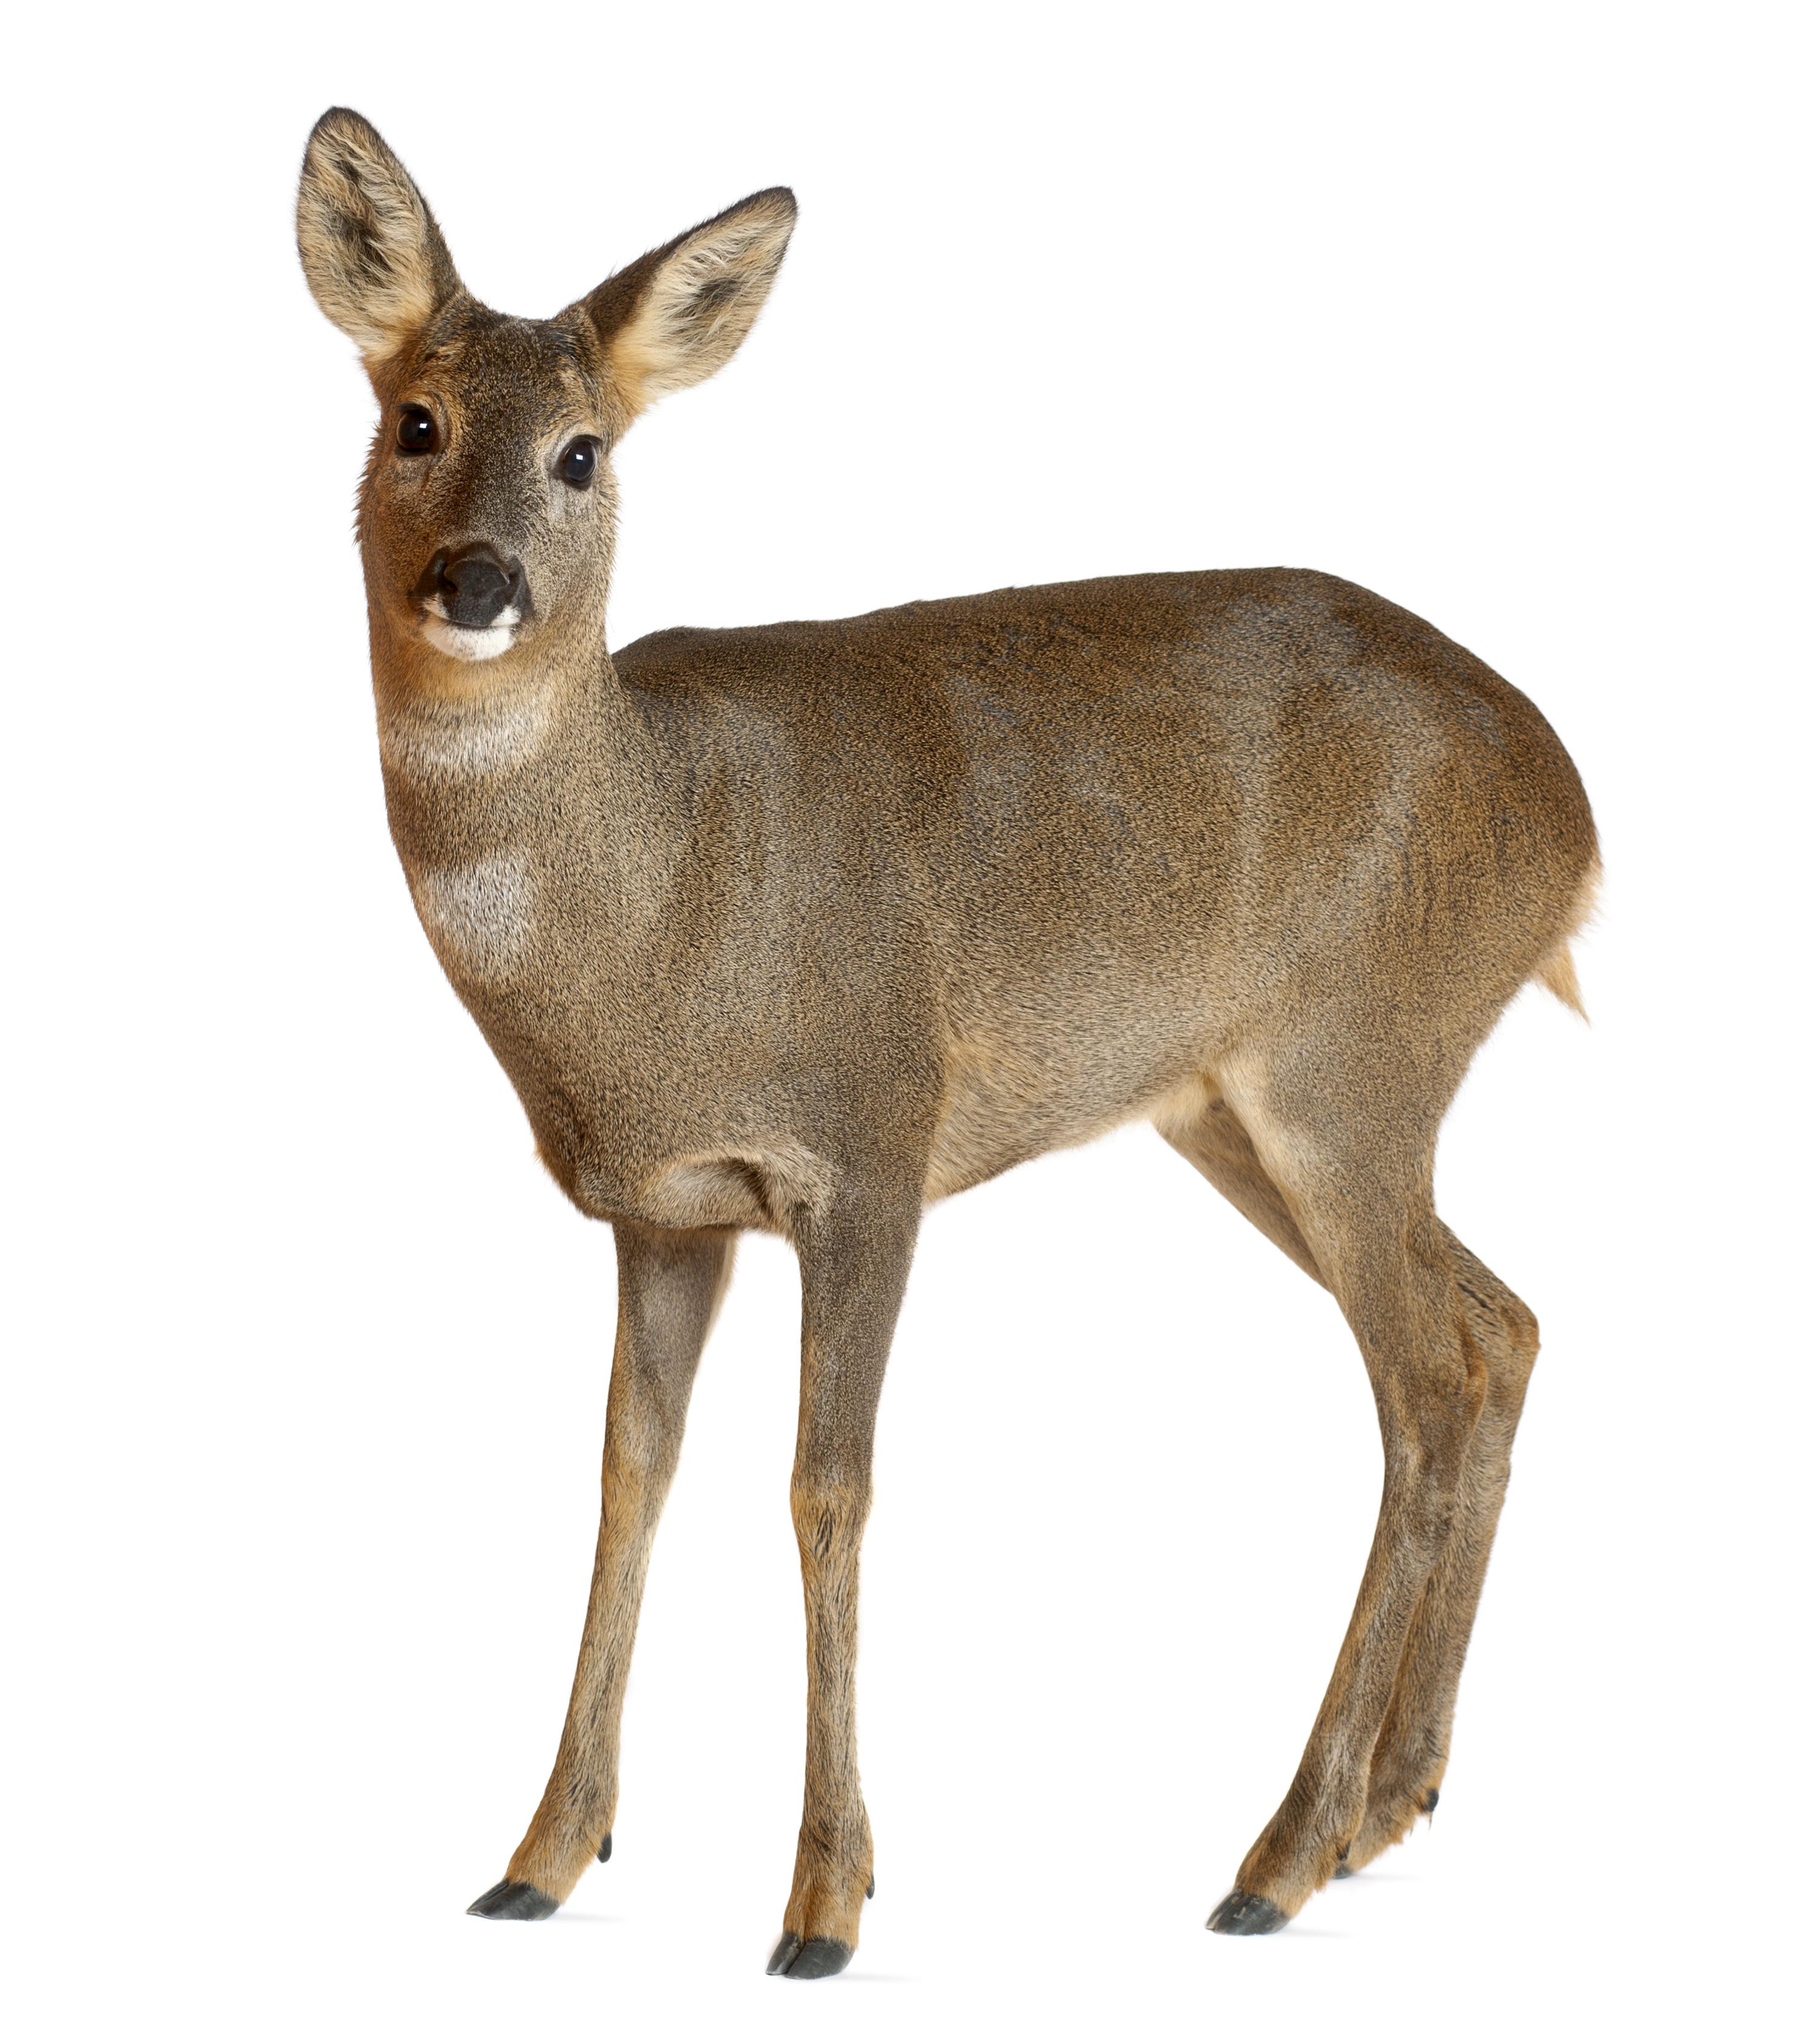 Deterring Deer